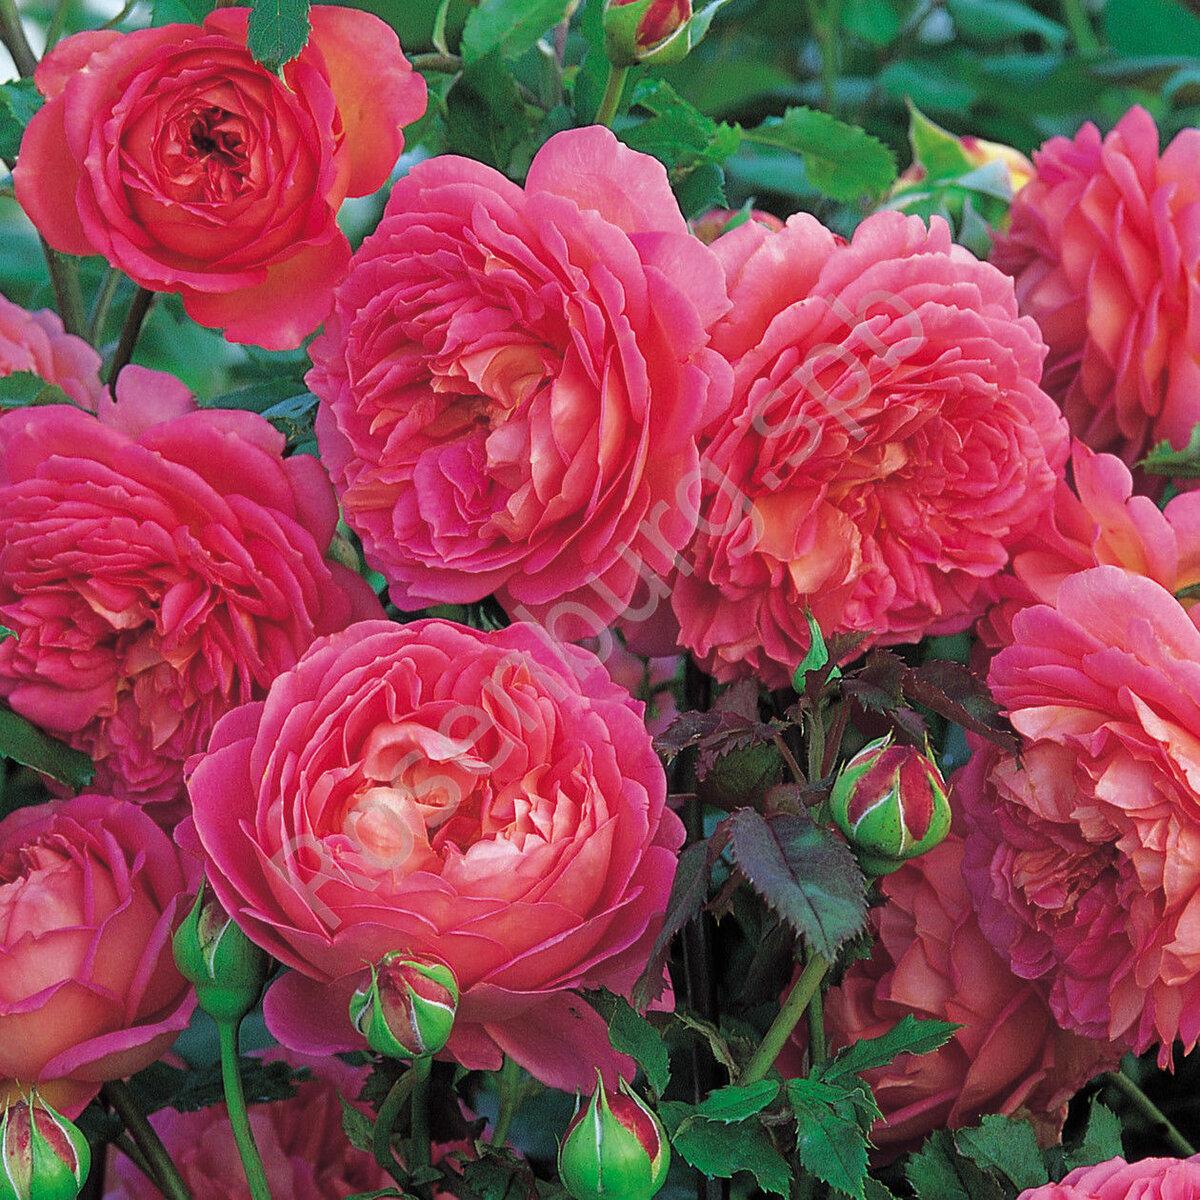 Описание чайно-гибридного сорта розы дабл делайт: уход за «двойным удовольствием»